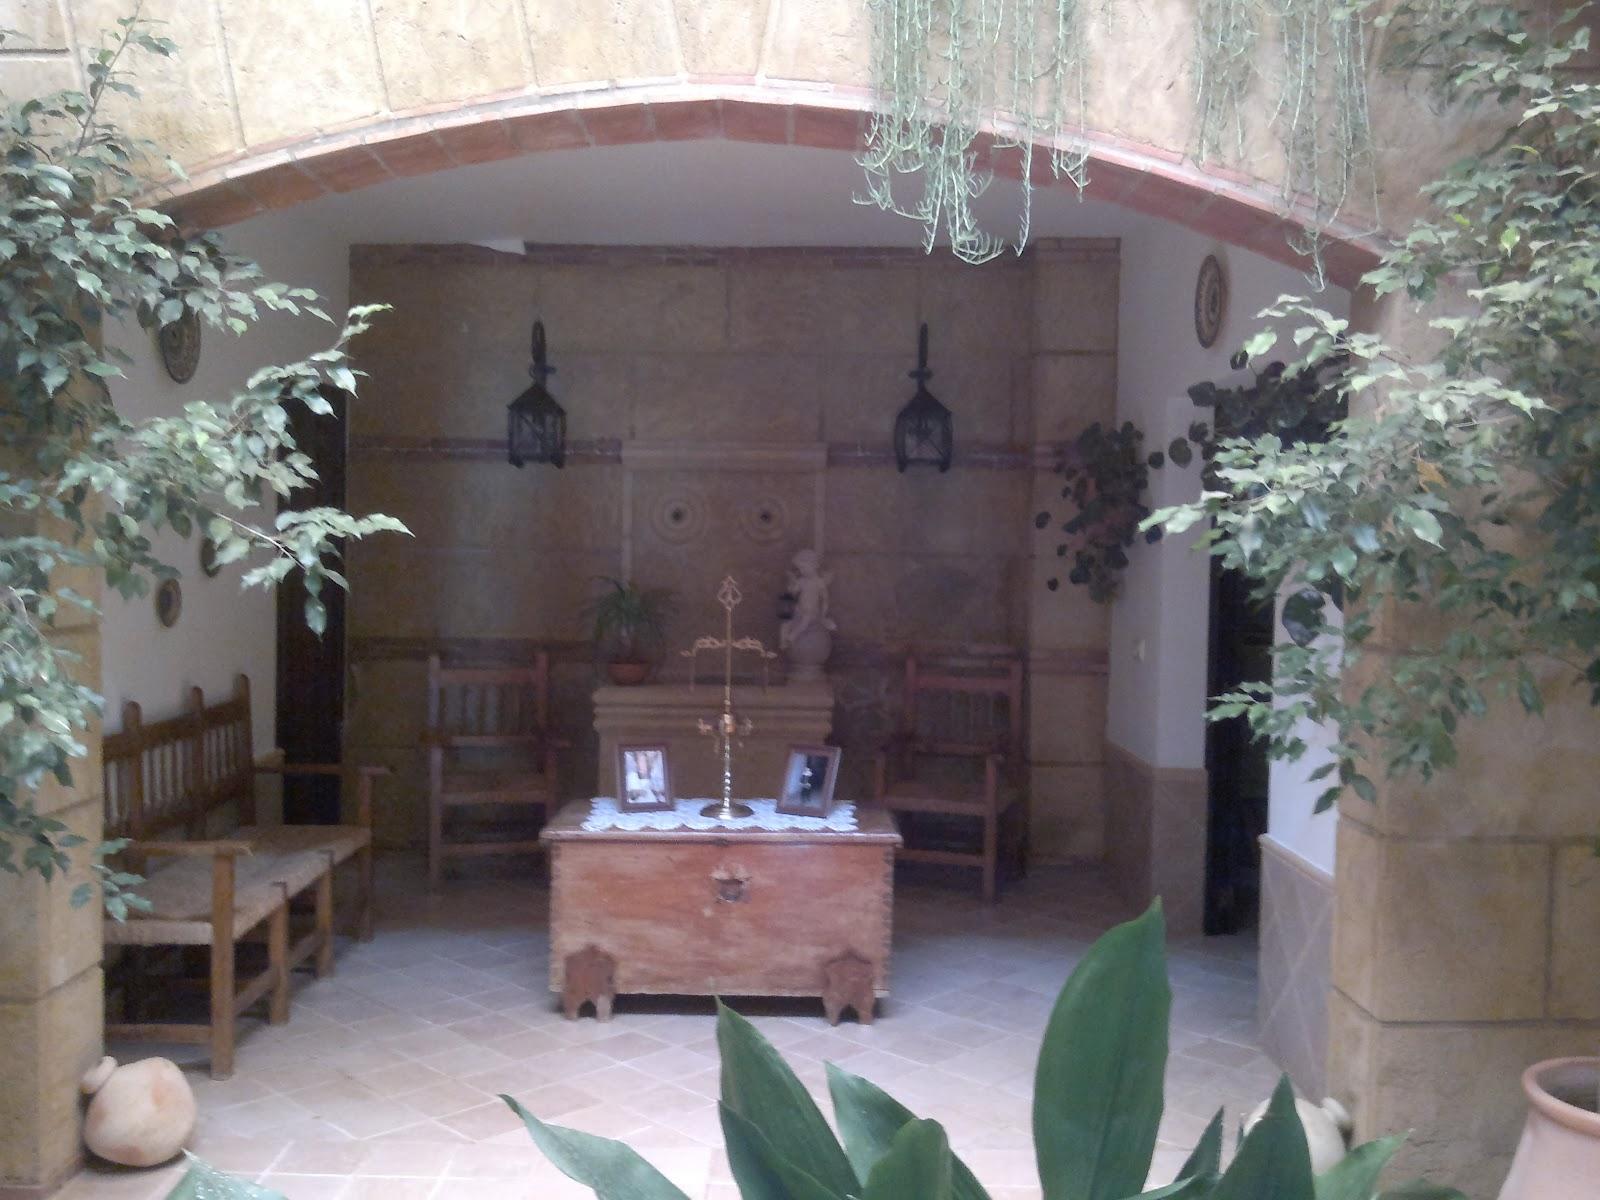 Revestimiento en piedra interiores de vivienda - Revestimiento de interiores ...